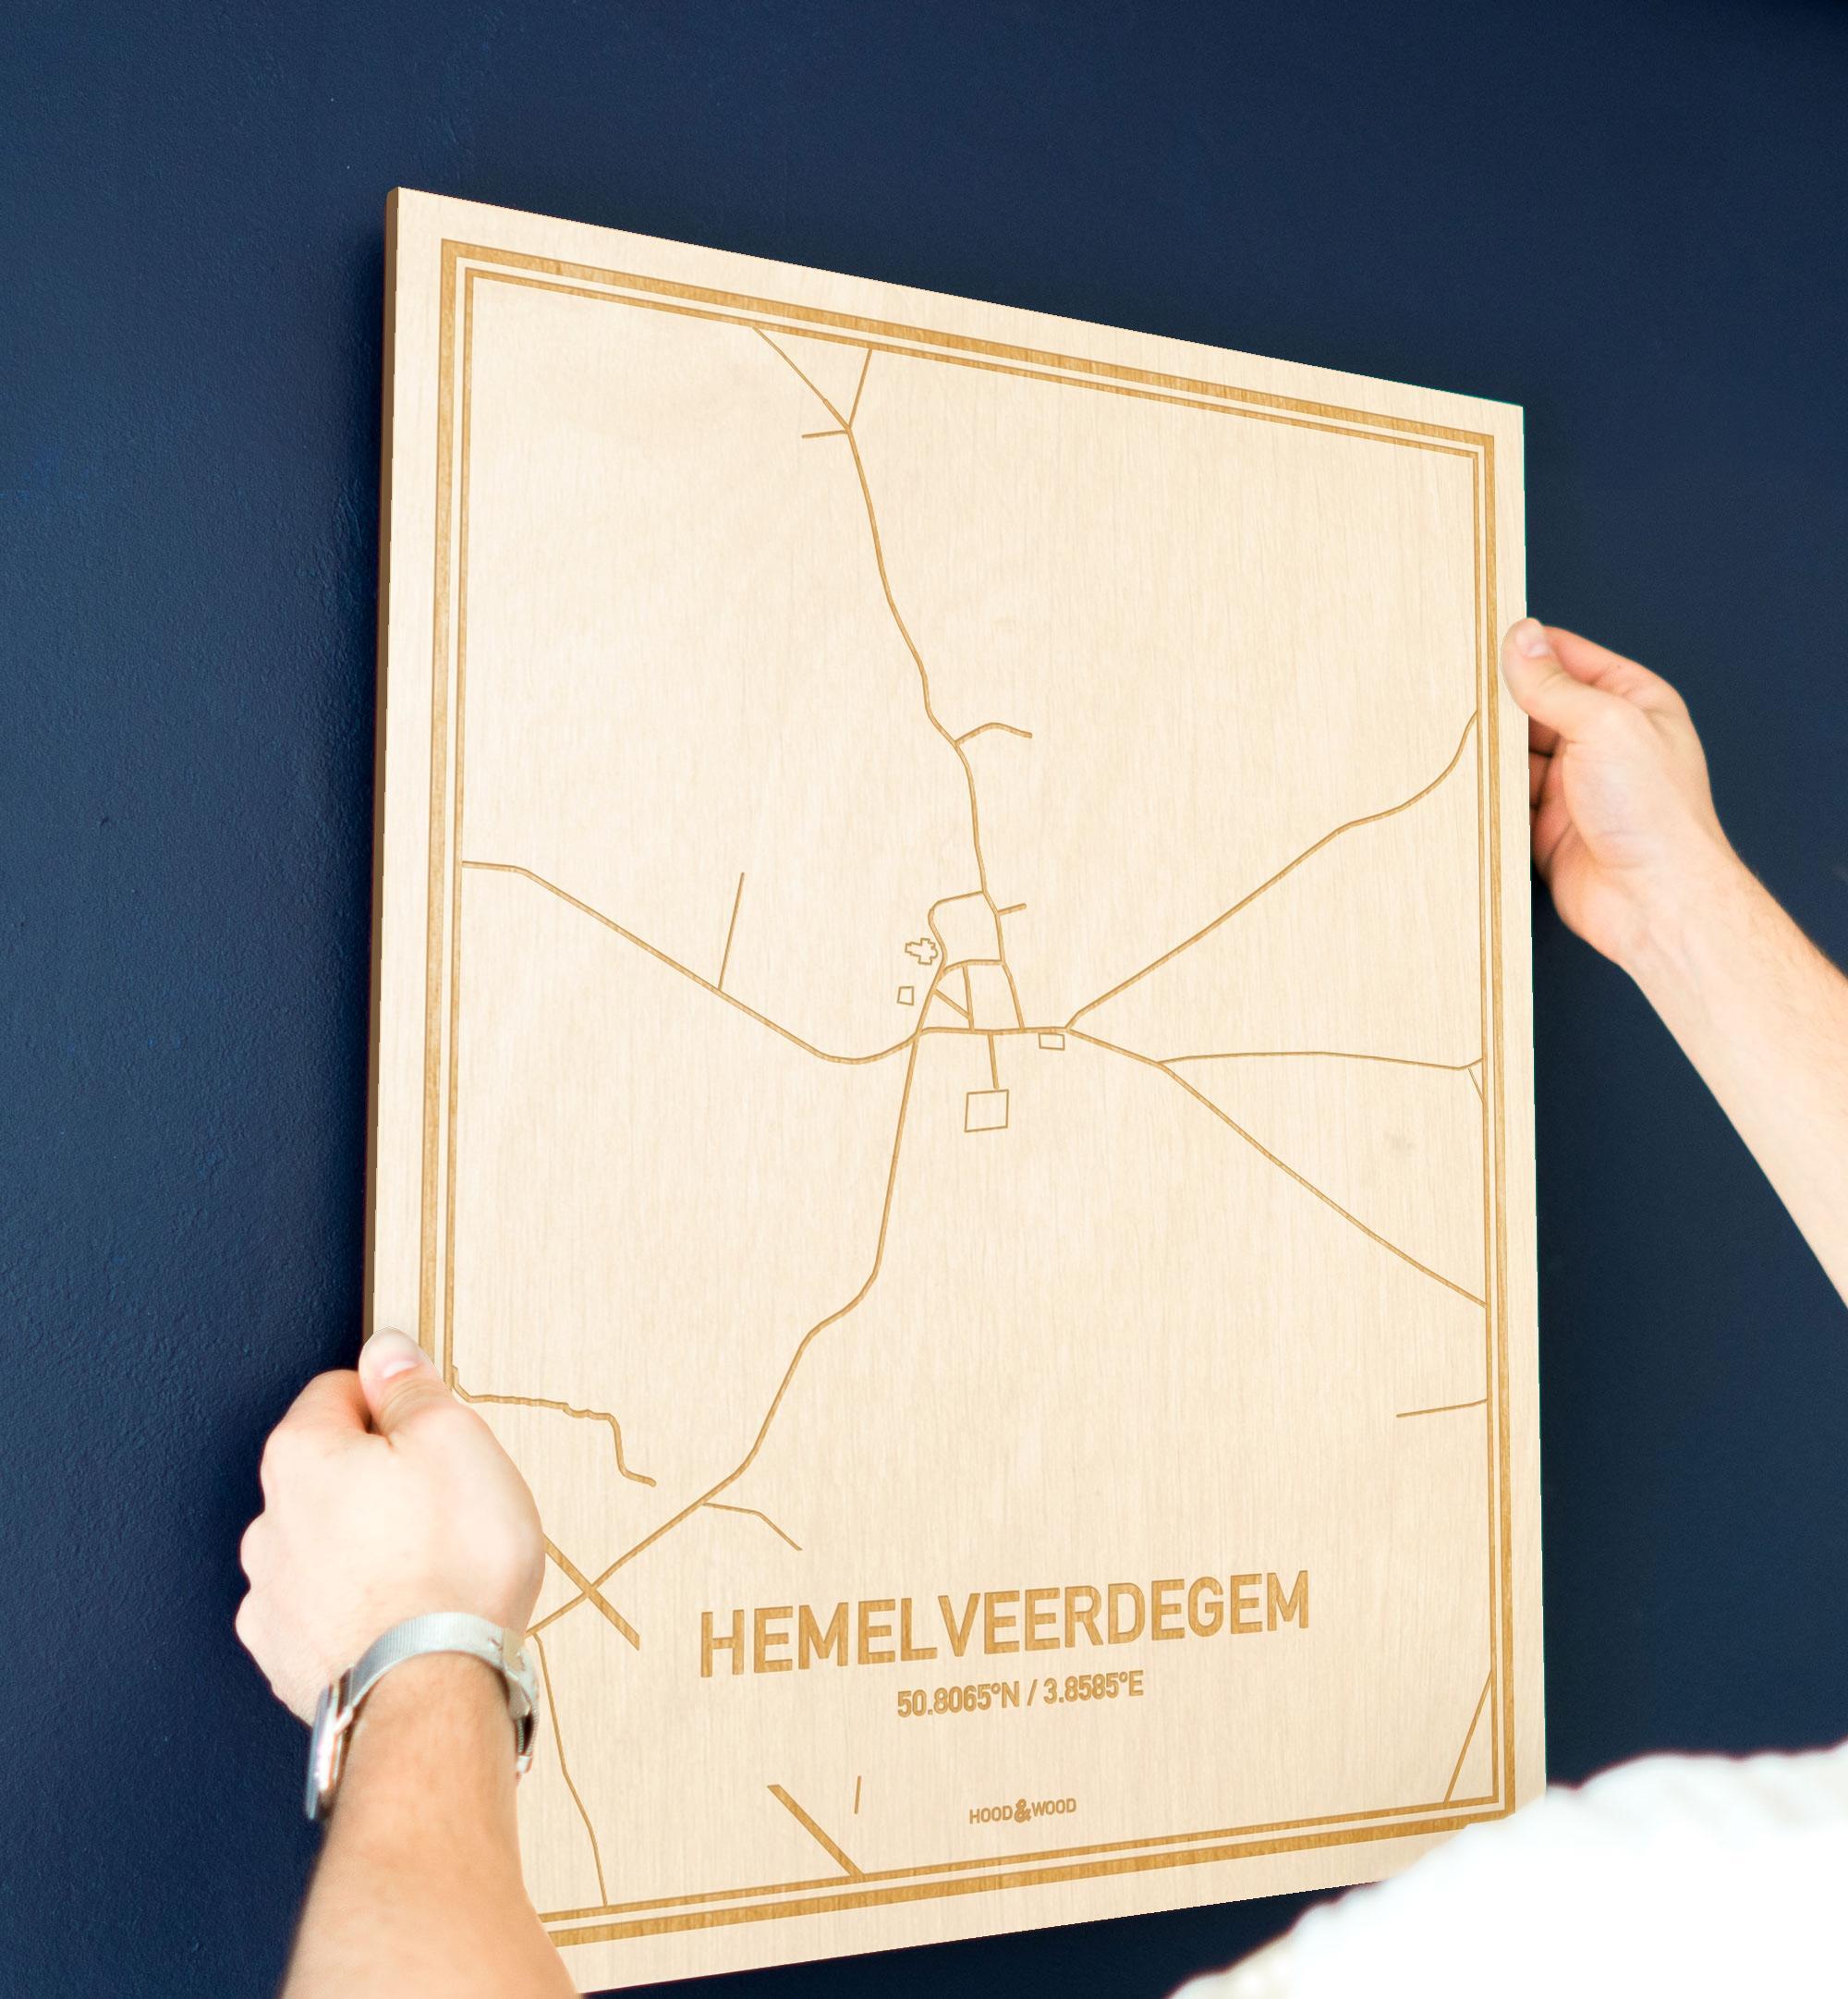 Een man hangt de houten plattegrond Hemelveerdegem aan zijn blauwe muur ter decoratie. Je ziet alleen zijn handen de kaart van deze originele in Oost-Vlaanderen  vasthouden.